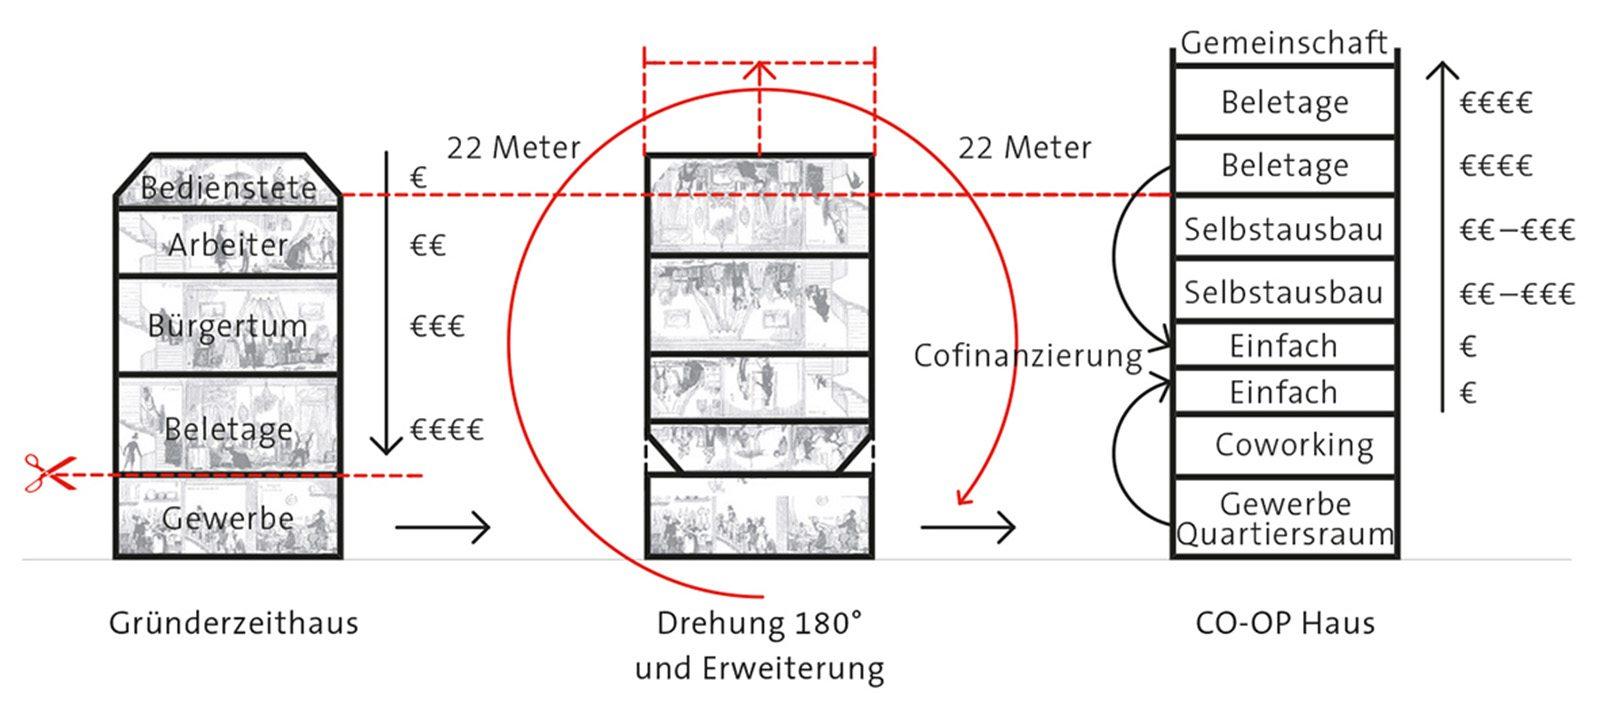 Coop Haus. Studie von Peter Haslinger und Simon Takasaki